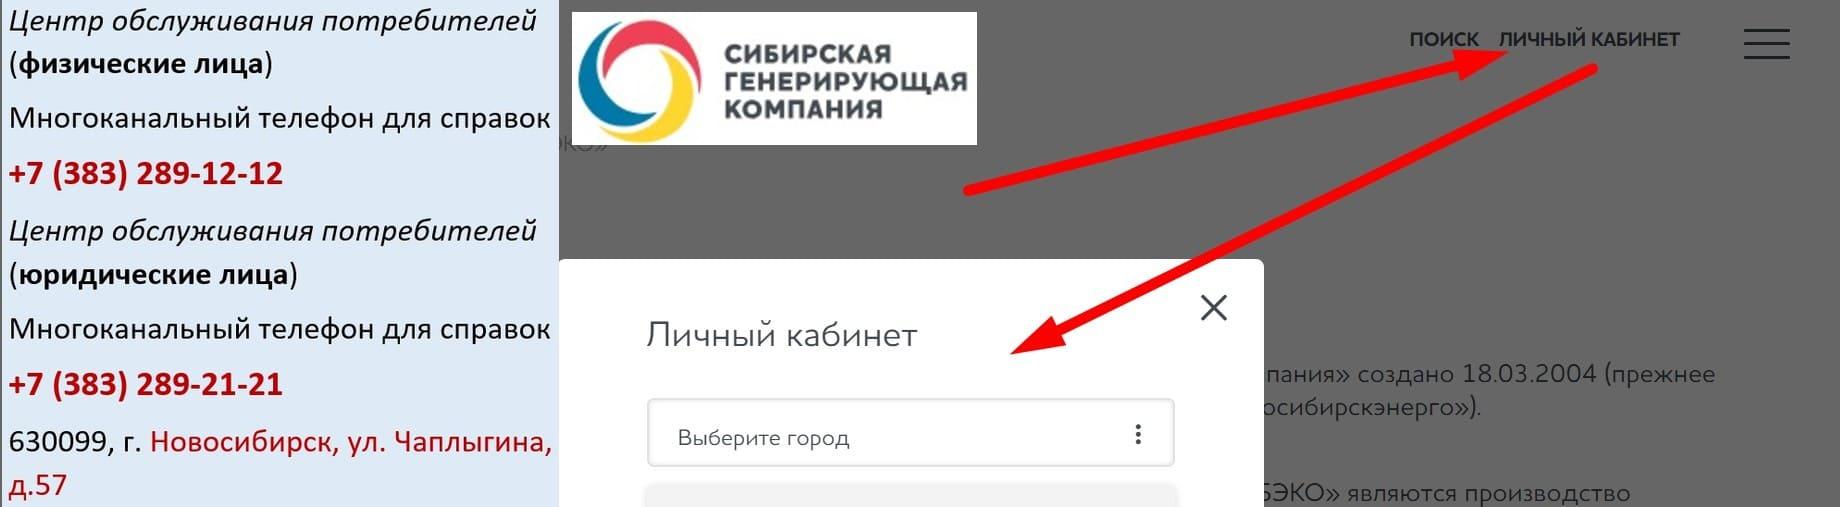 СибЭко Новосибирск личный кабинет